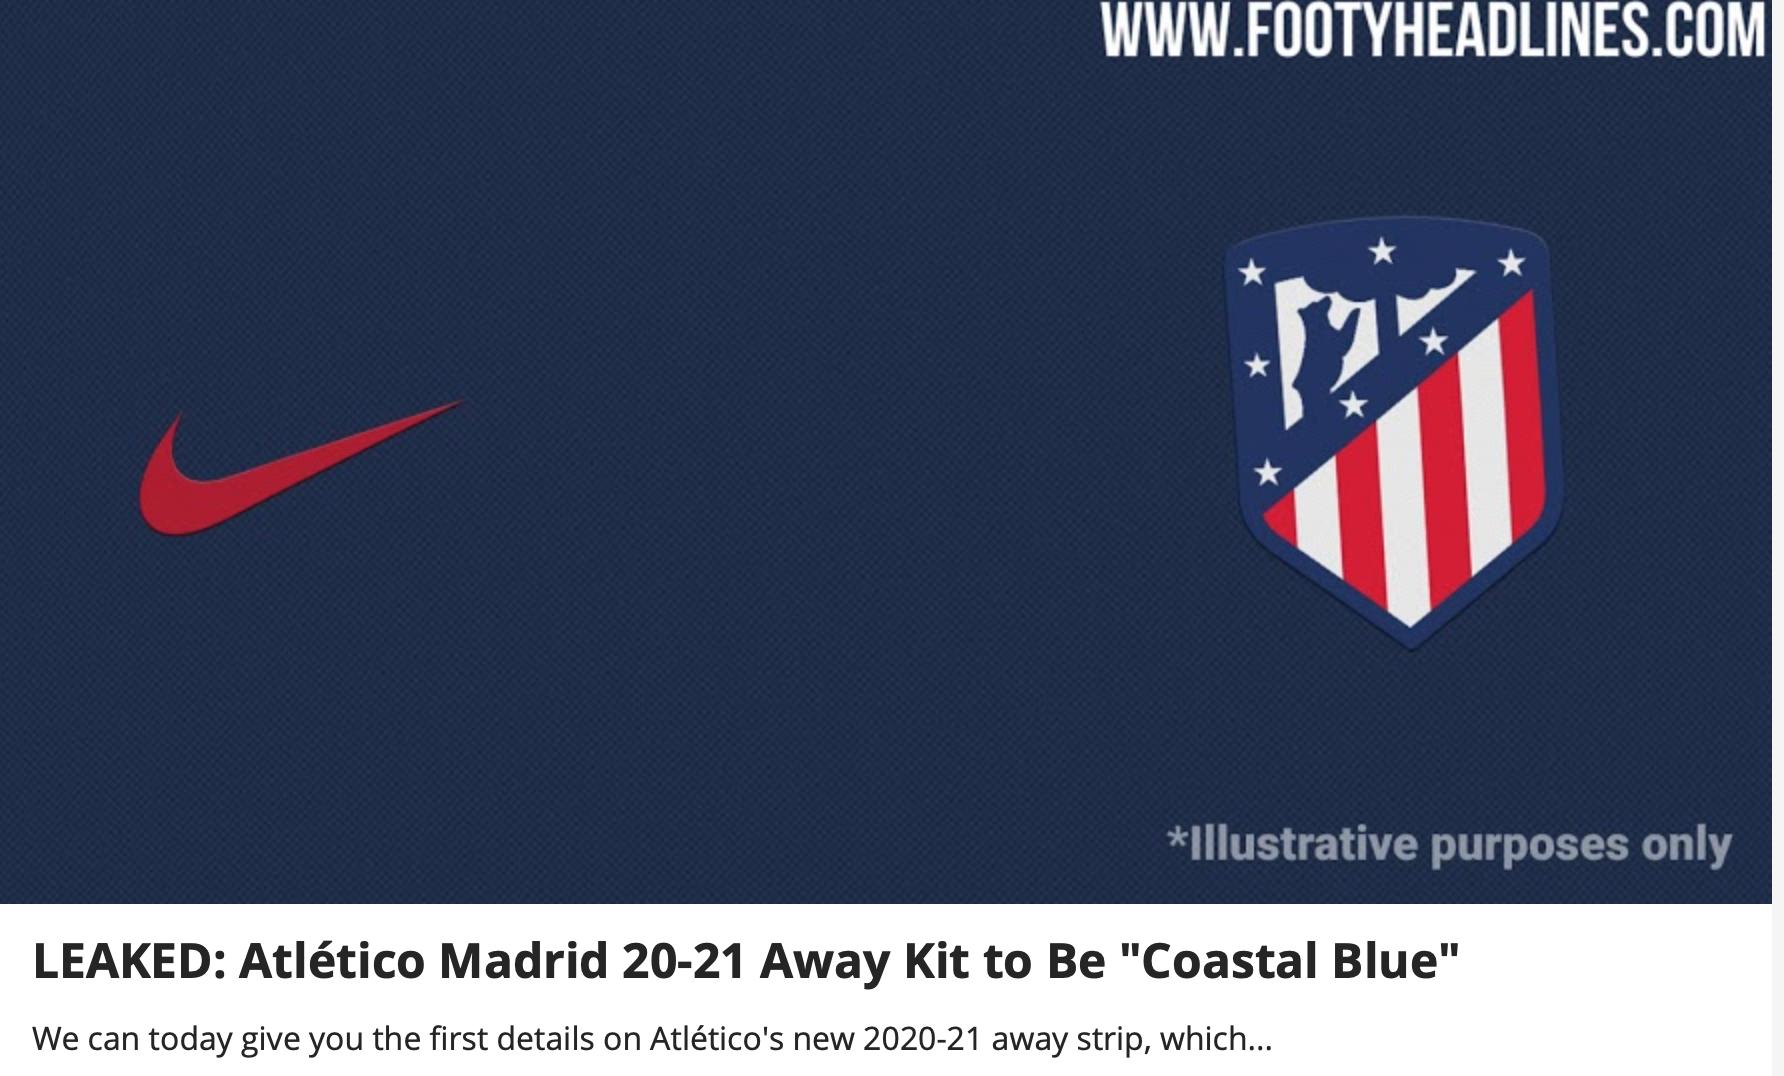 Dos medios filtran la camiseta suplente del Atlético 2020/21: ¡será azul marino! 1